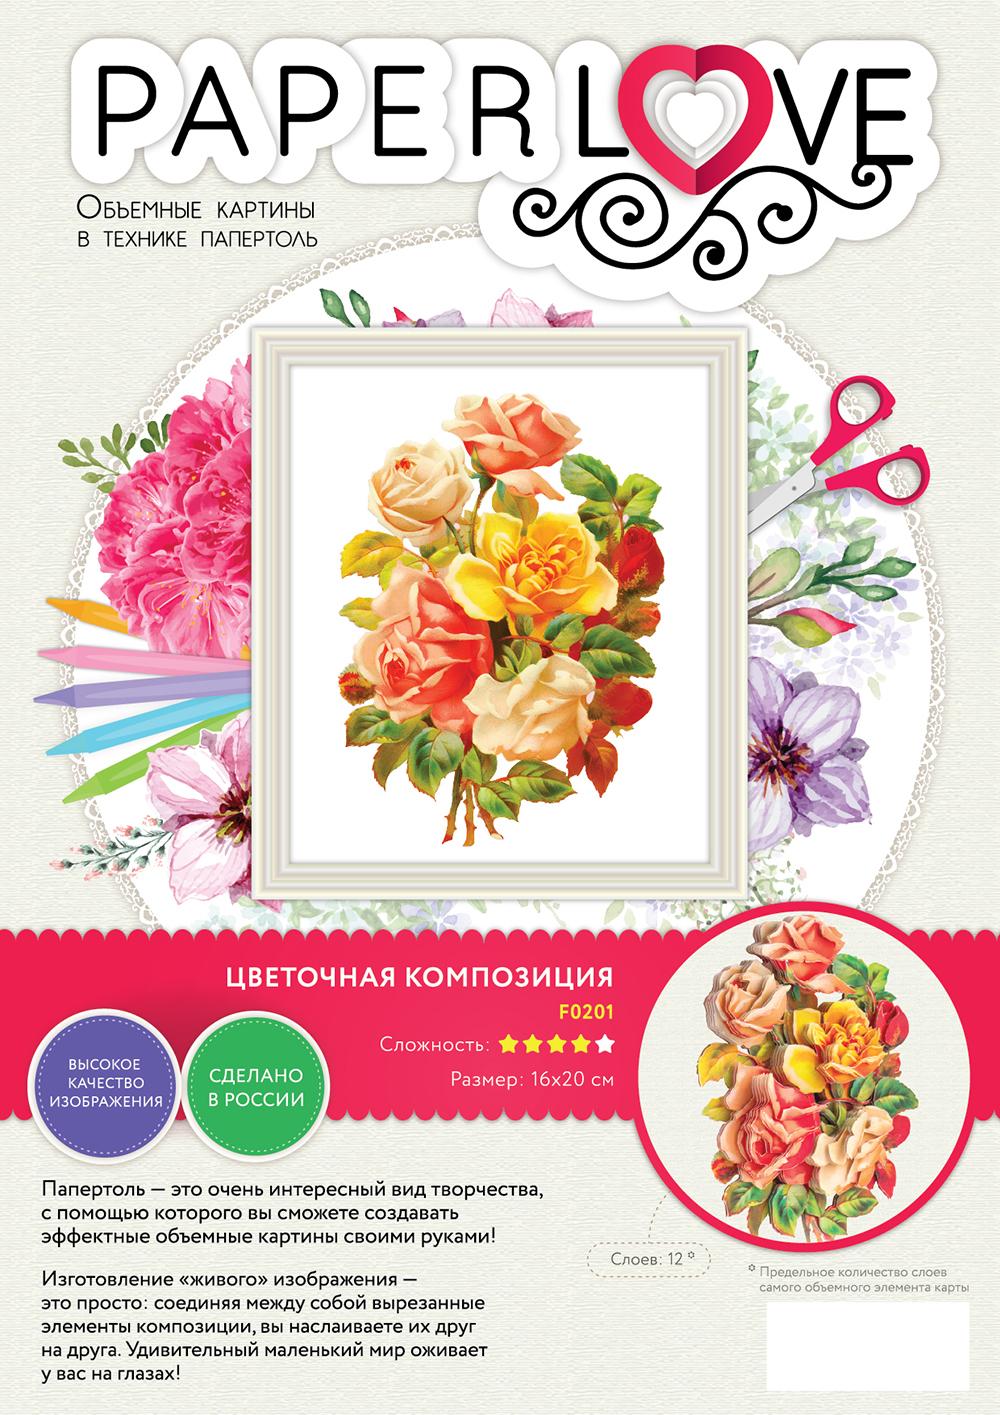 Папертоль Цветочная композиция — фото обложки.